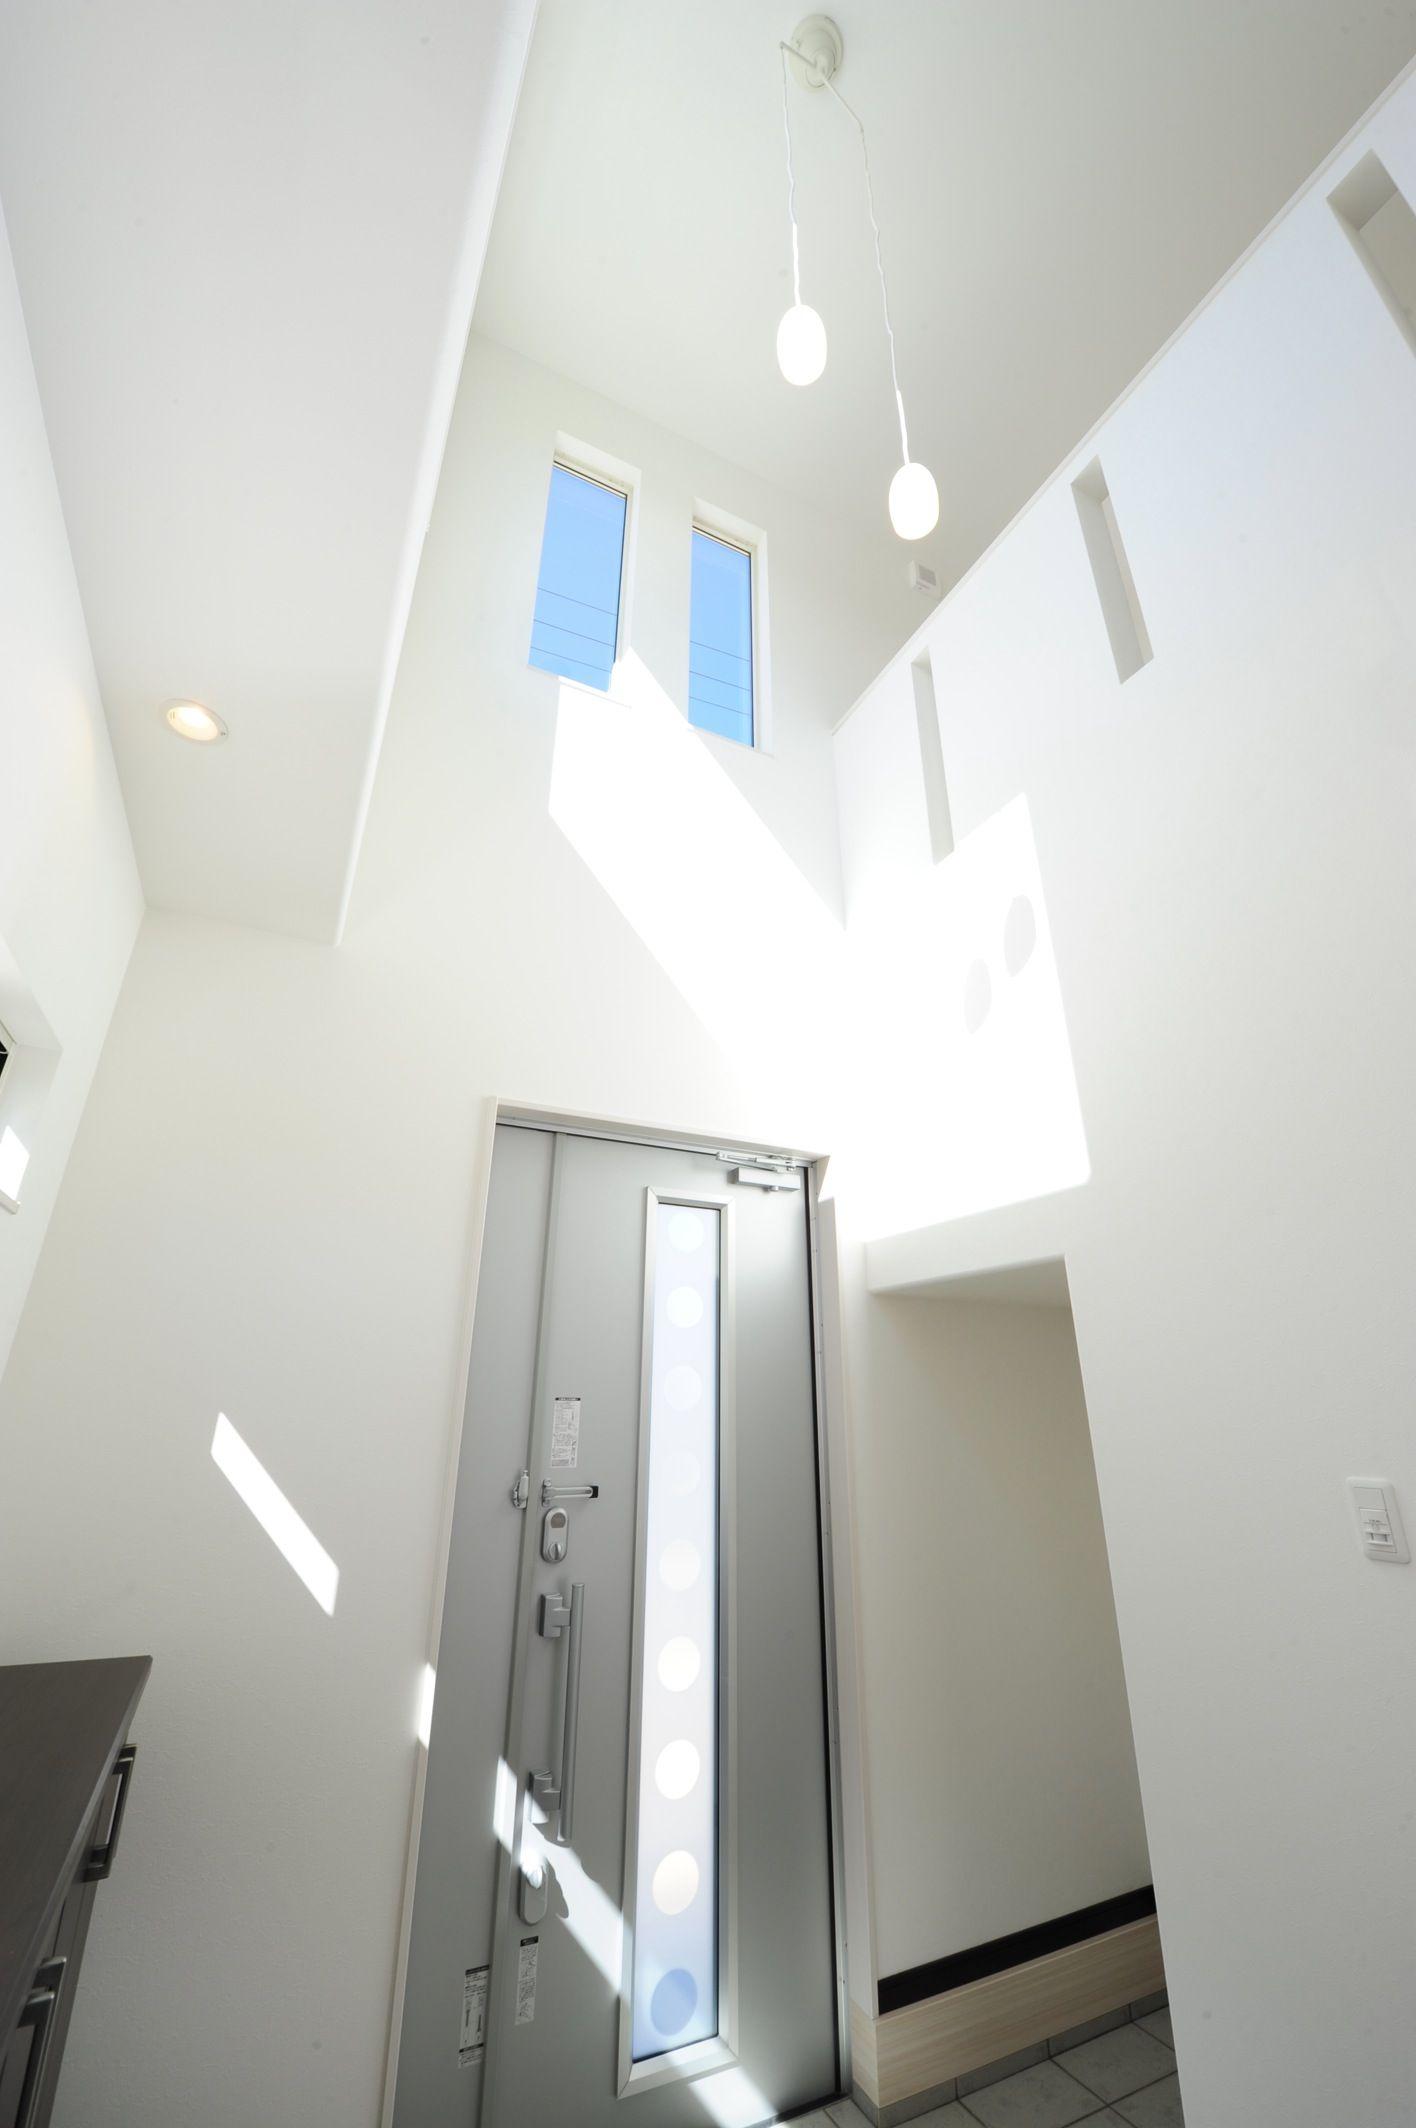 吹き抜け天井でさわやかな空間に 天井 玄関 吹き抜け